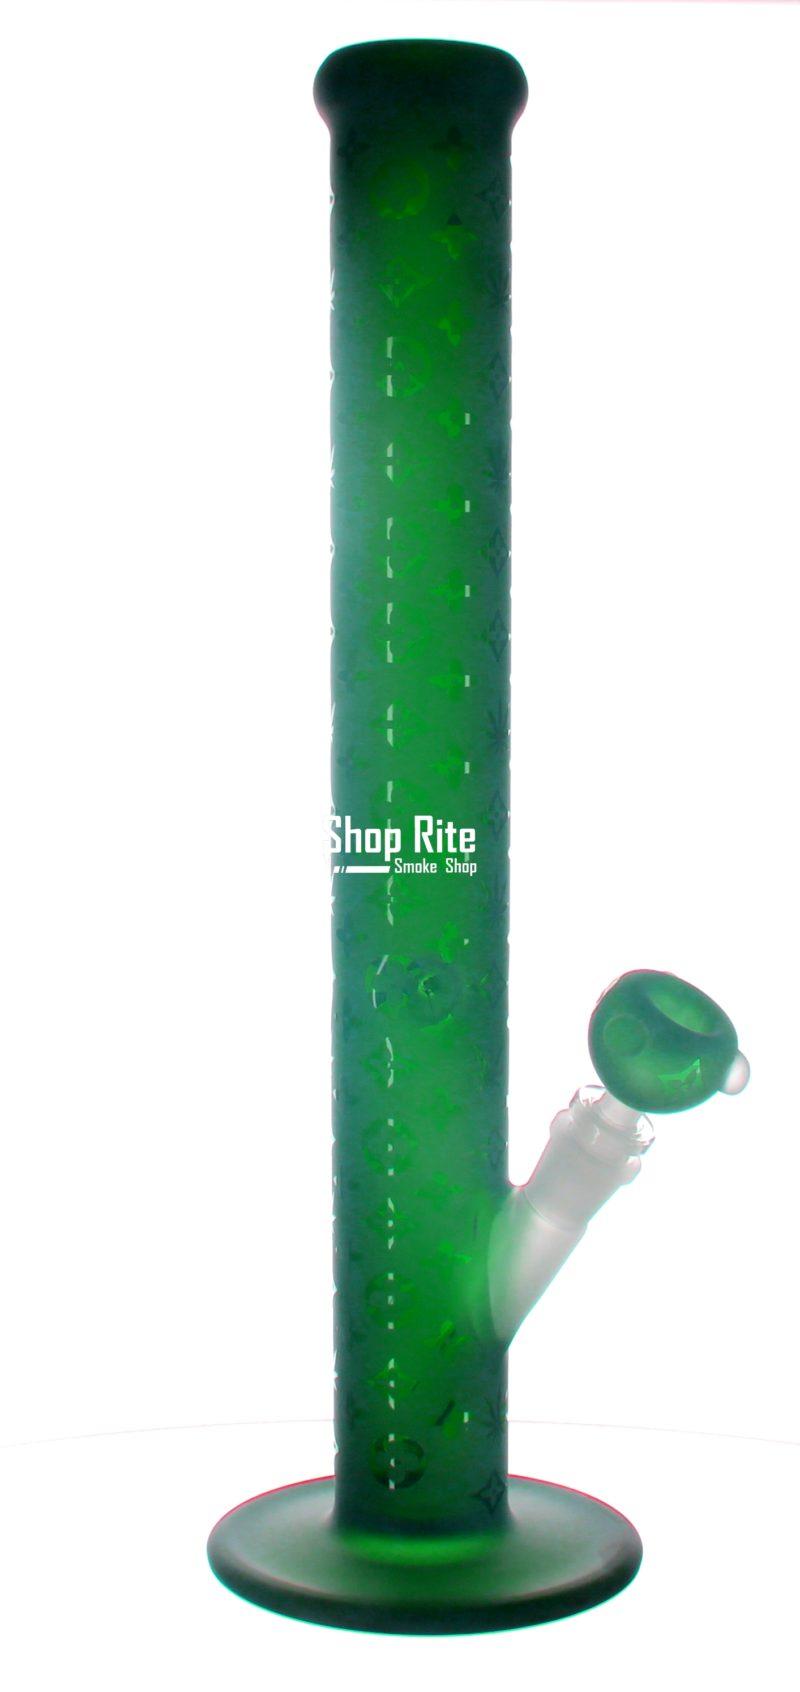 Louis vuittonteal green1